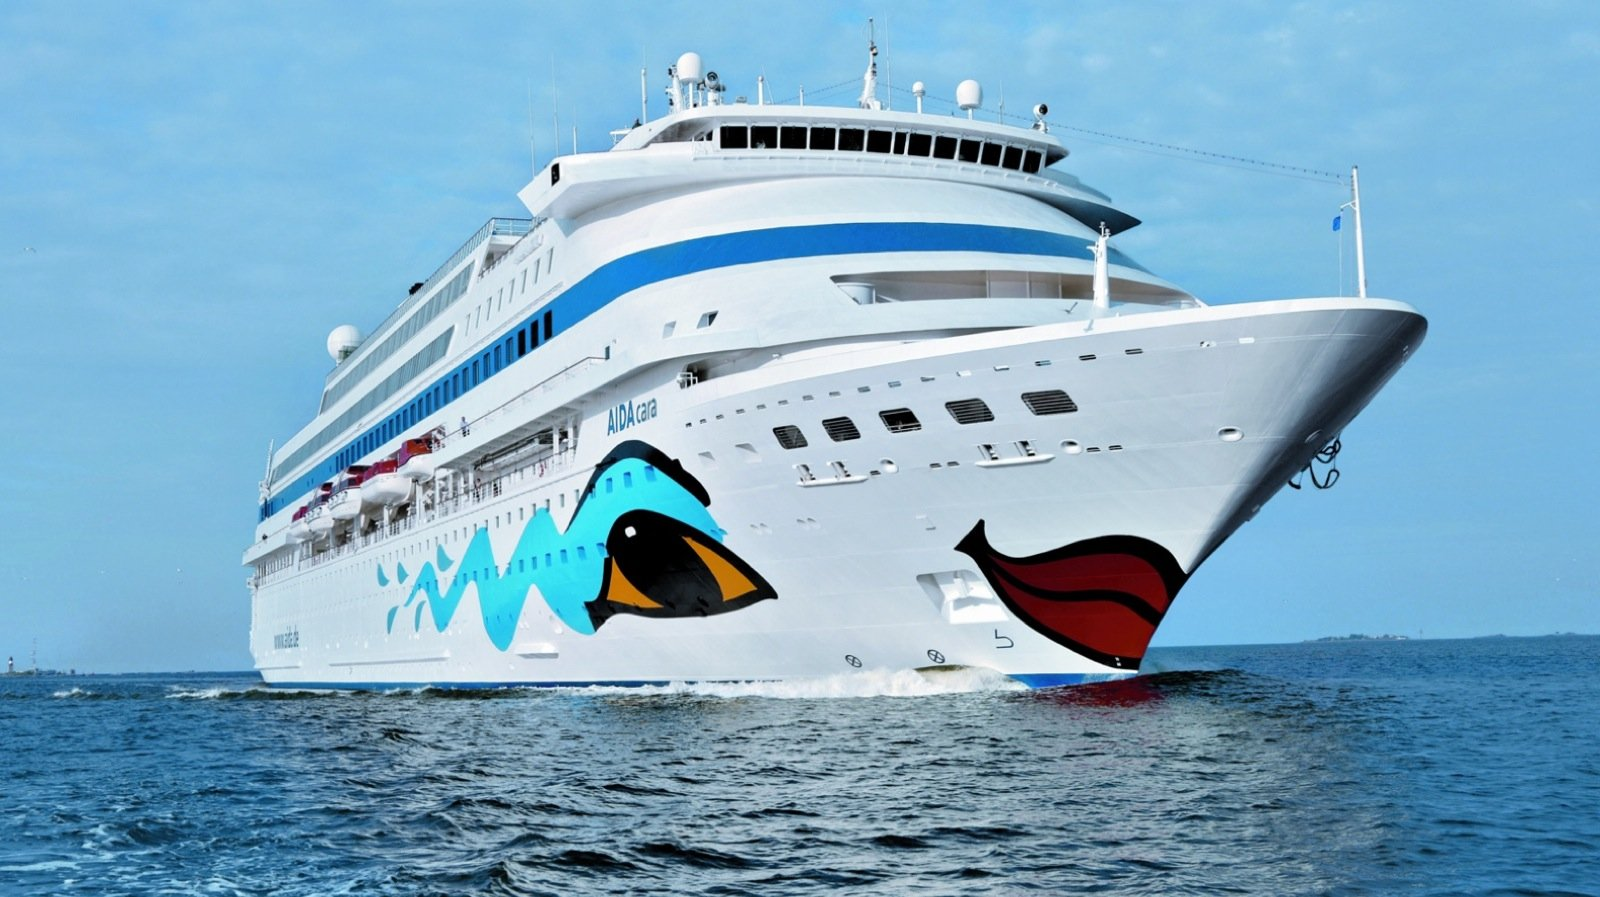 Das älteste AIDA-Kreuzfahrtschiff, die AIDAcara, wird als erstes auf umweltfreundlich getrimmt.